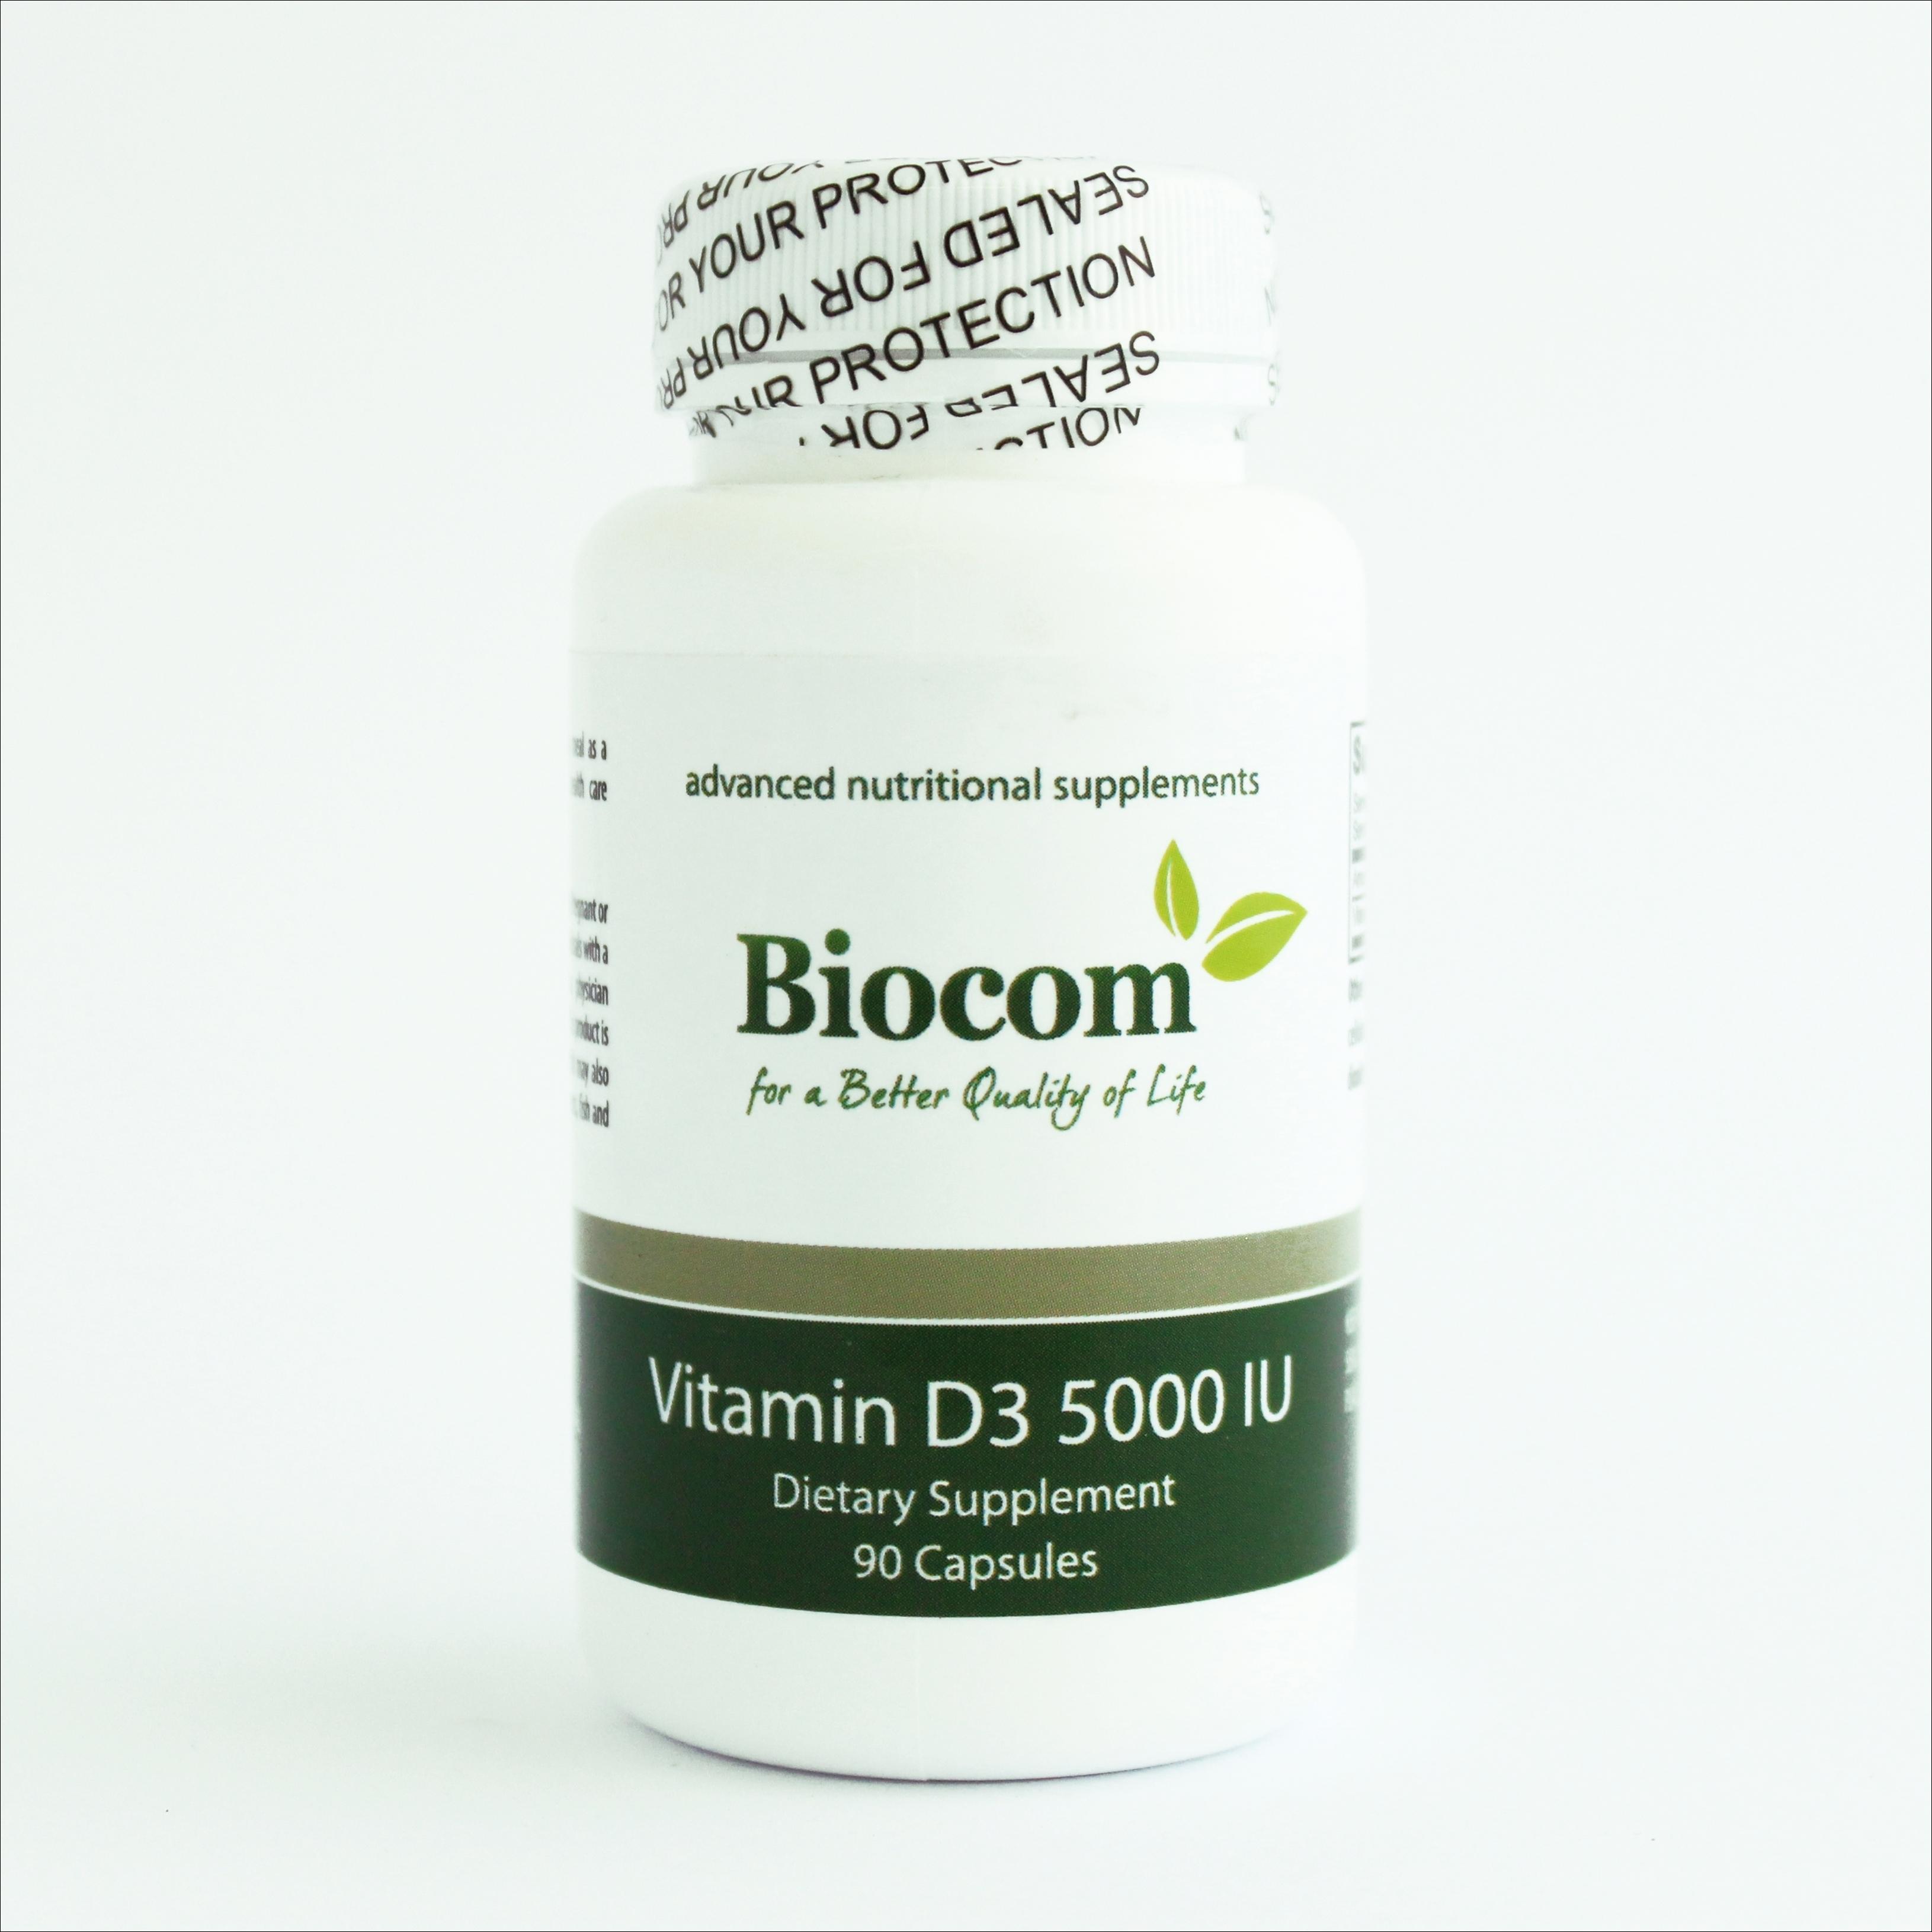 Biocom Vitamin D3 5000 IU 90 kapsula 00001